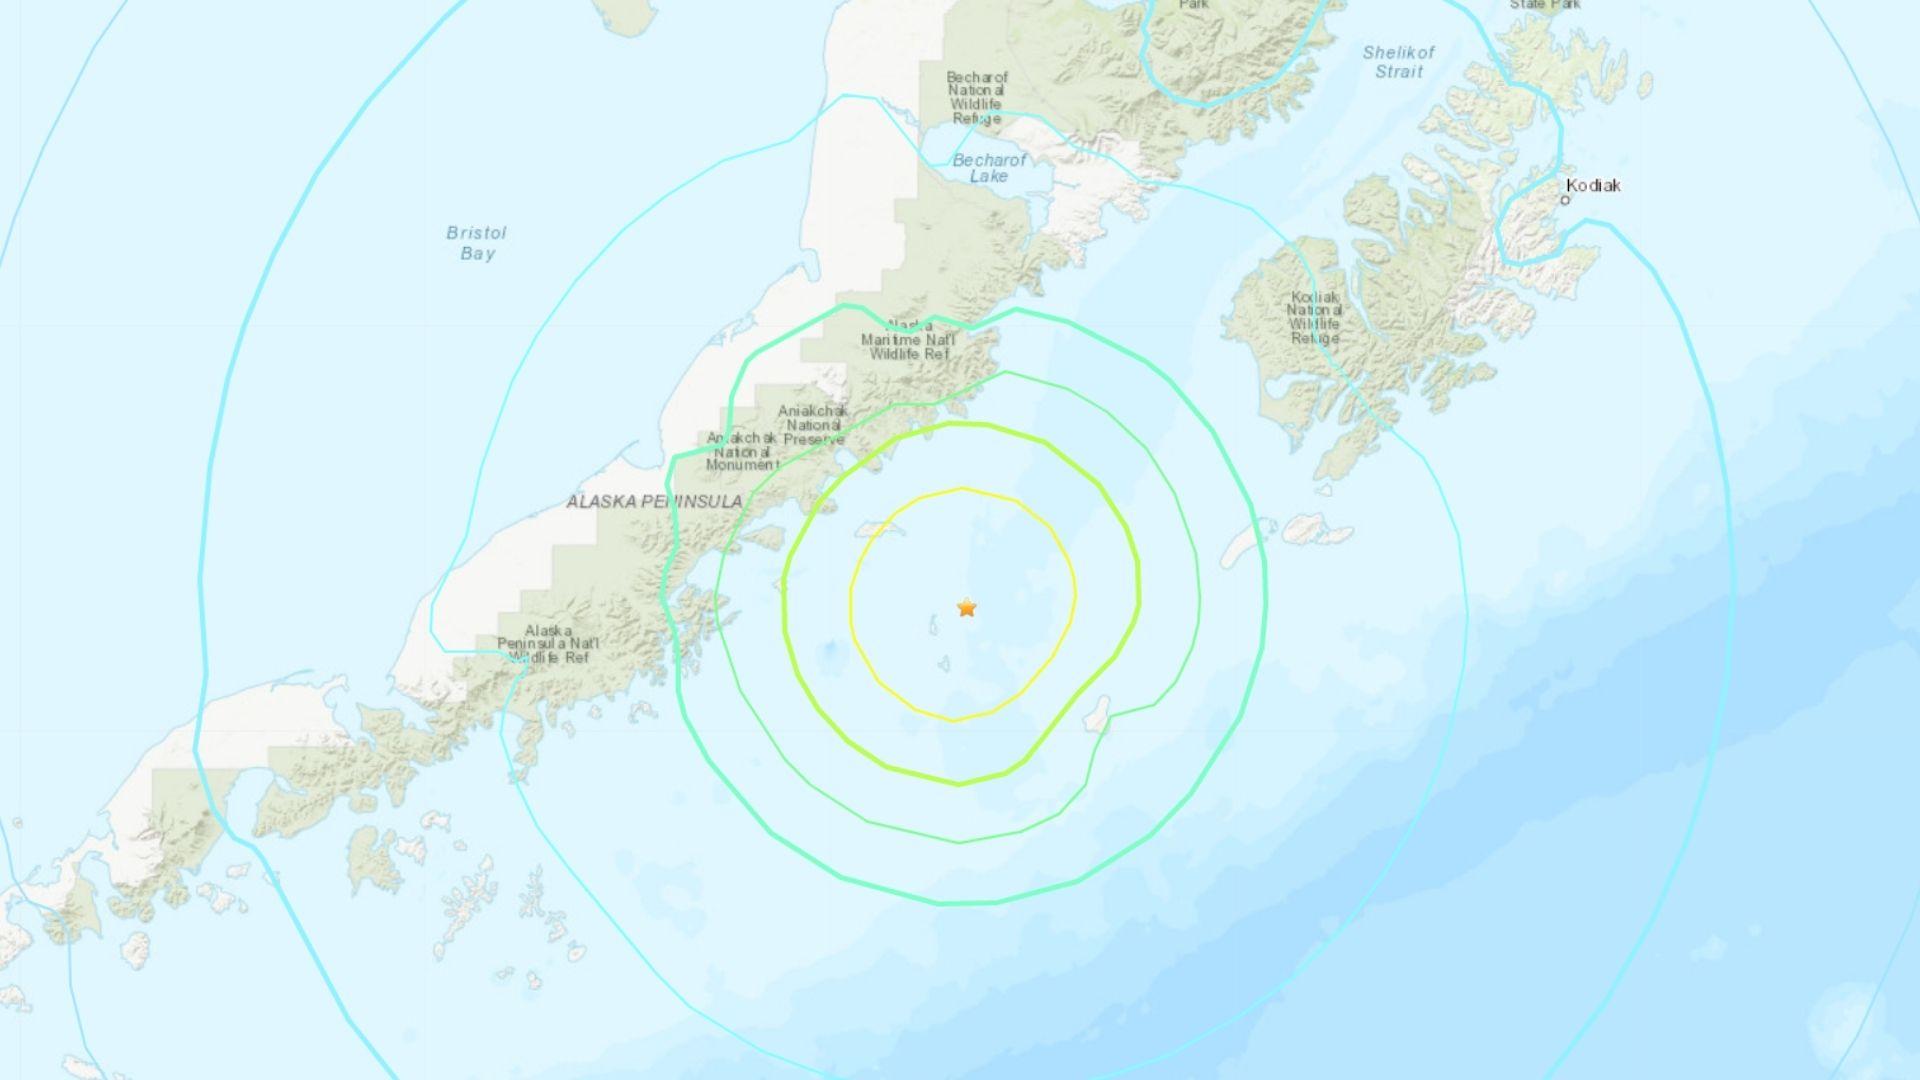 Magnitude 6.5 earthquake strikes off coast of Alaska